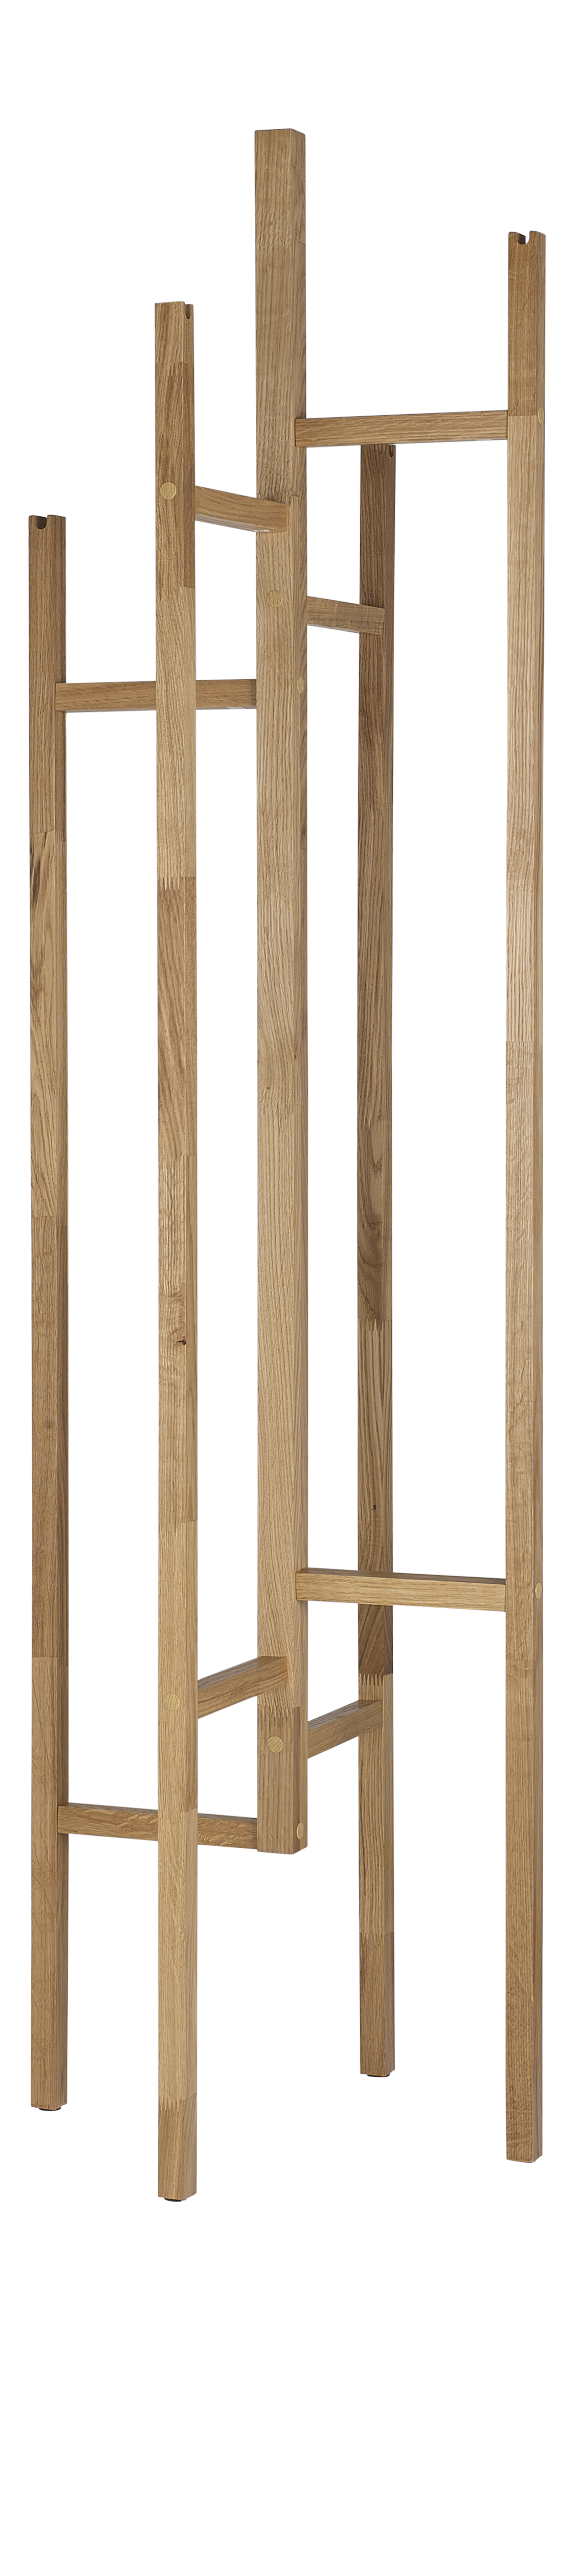 Atwood coat rack